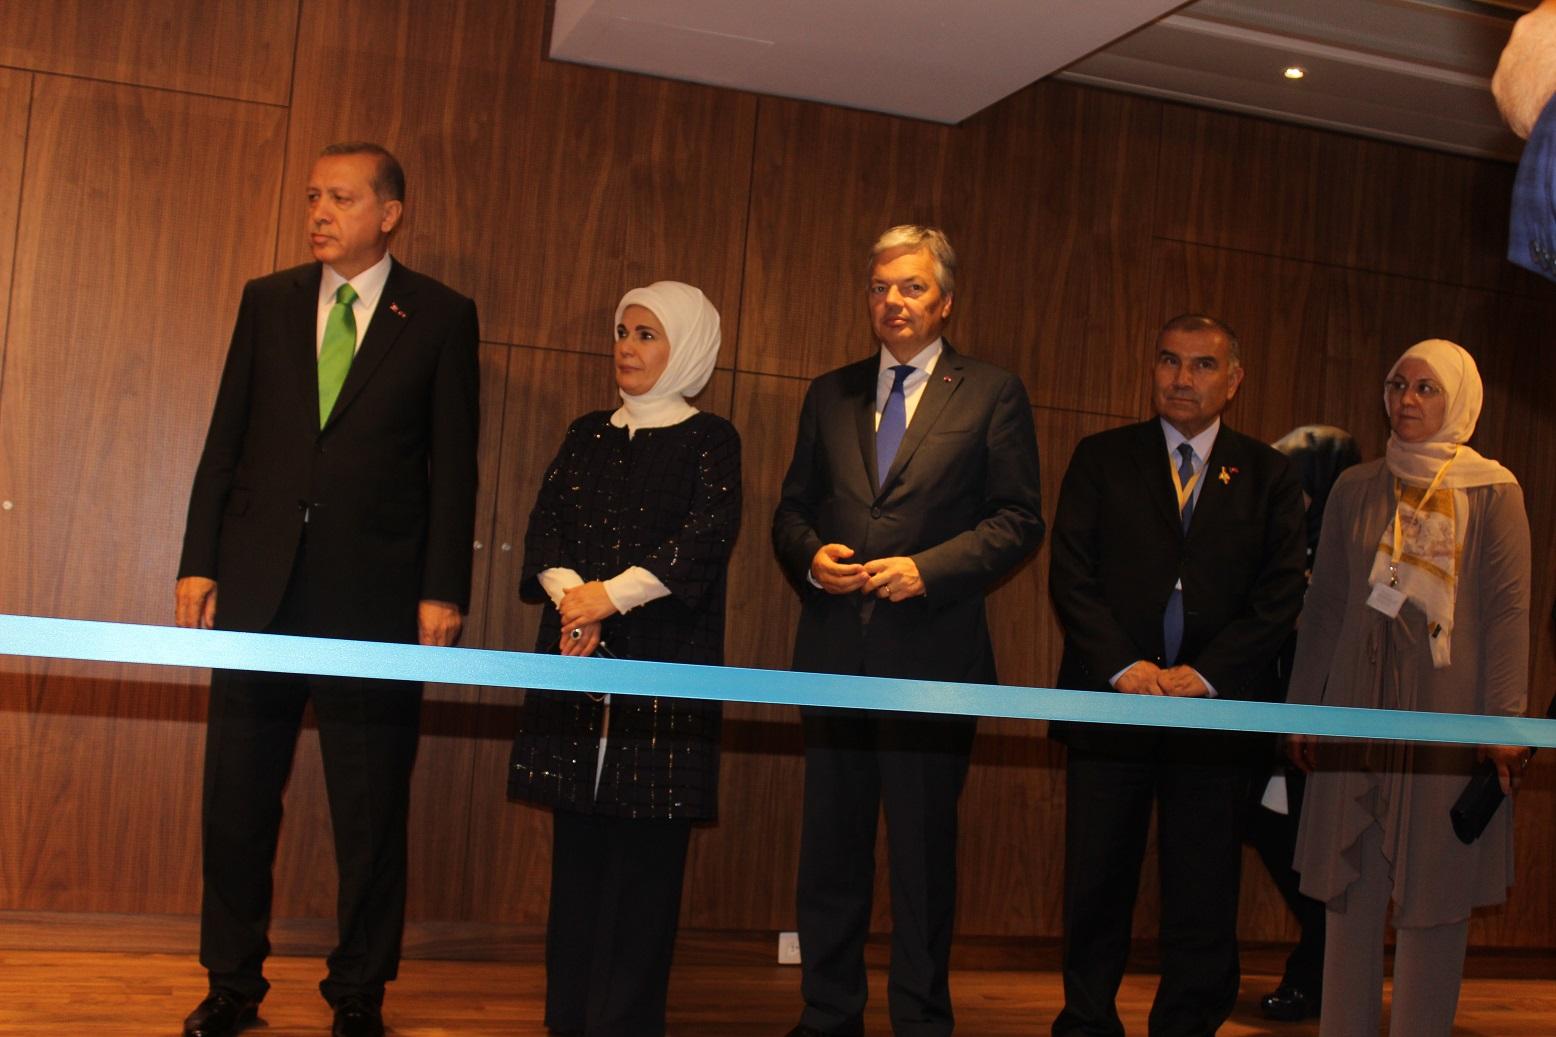 Brüksel Büyükelçiliği açılışı 5